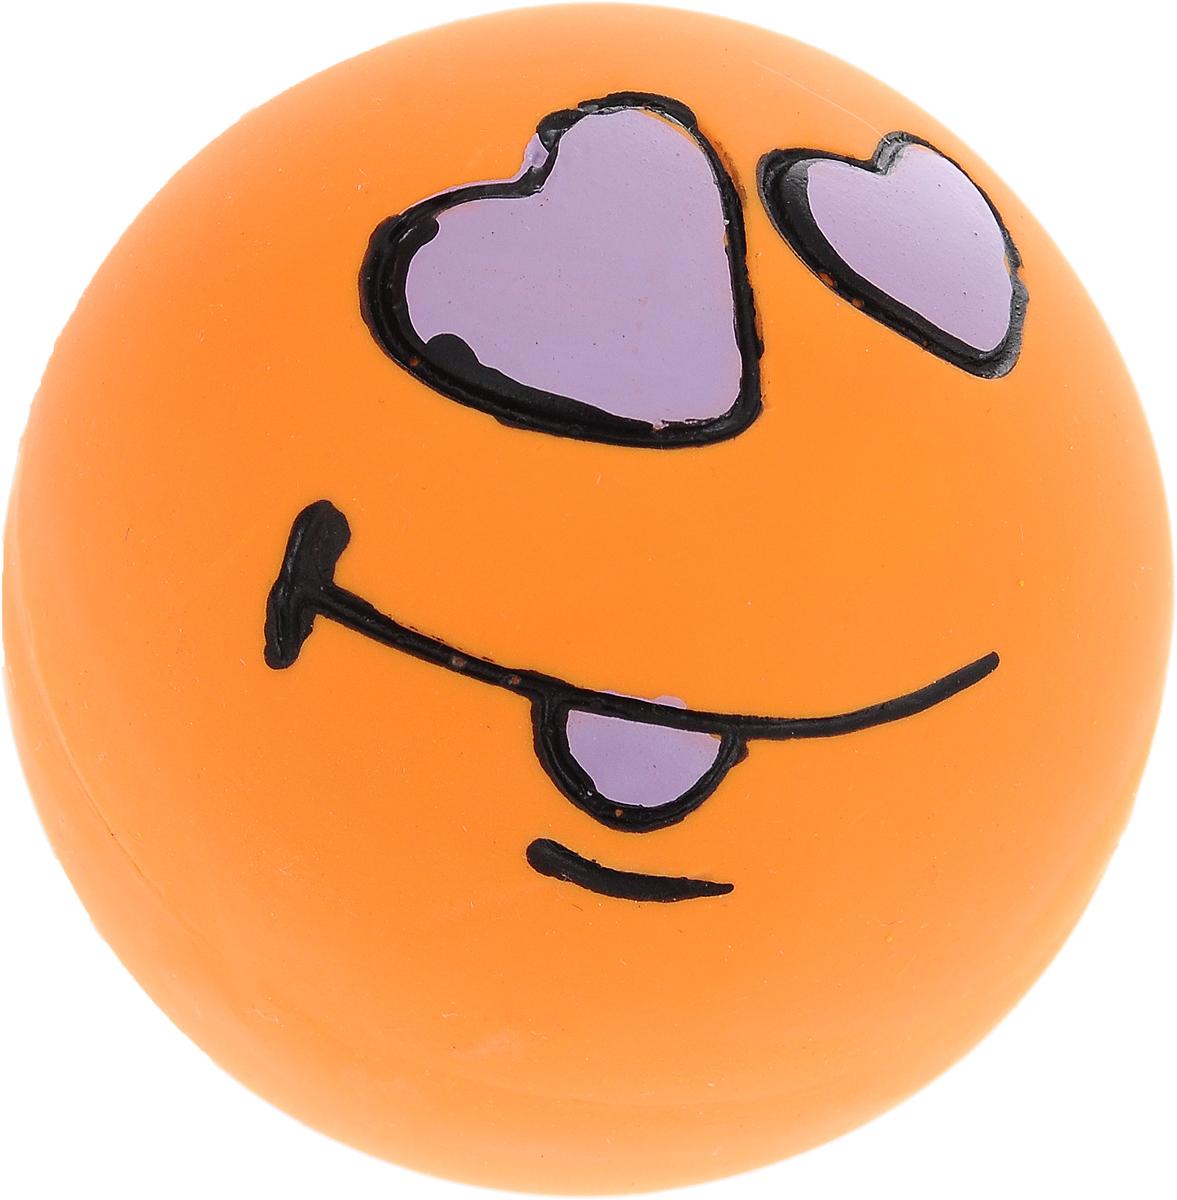 Игрушка для собак Dezzie Мяч. Любовь, с пищалкой, диаметр 6 см5620119Очаровательная игрушка Dezzie Мяч. Любовь обеспечит веселый досуг вашей собаке. Она безопасна для здоровья животного. Латекс не твердеет под действием желудочного сока, поэтому игрушку можно смело покупать даже самым маленьким щенкам. В мяч встроена пищалка. С такой игрушкой ваш питомец точно не будет скучать.Диаметр игрушки: 6 см.